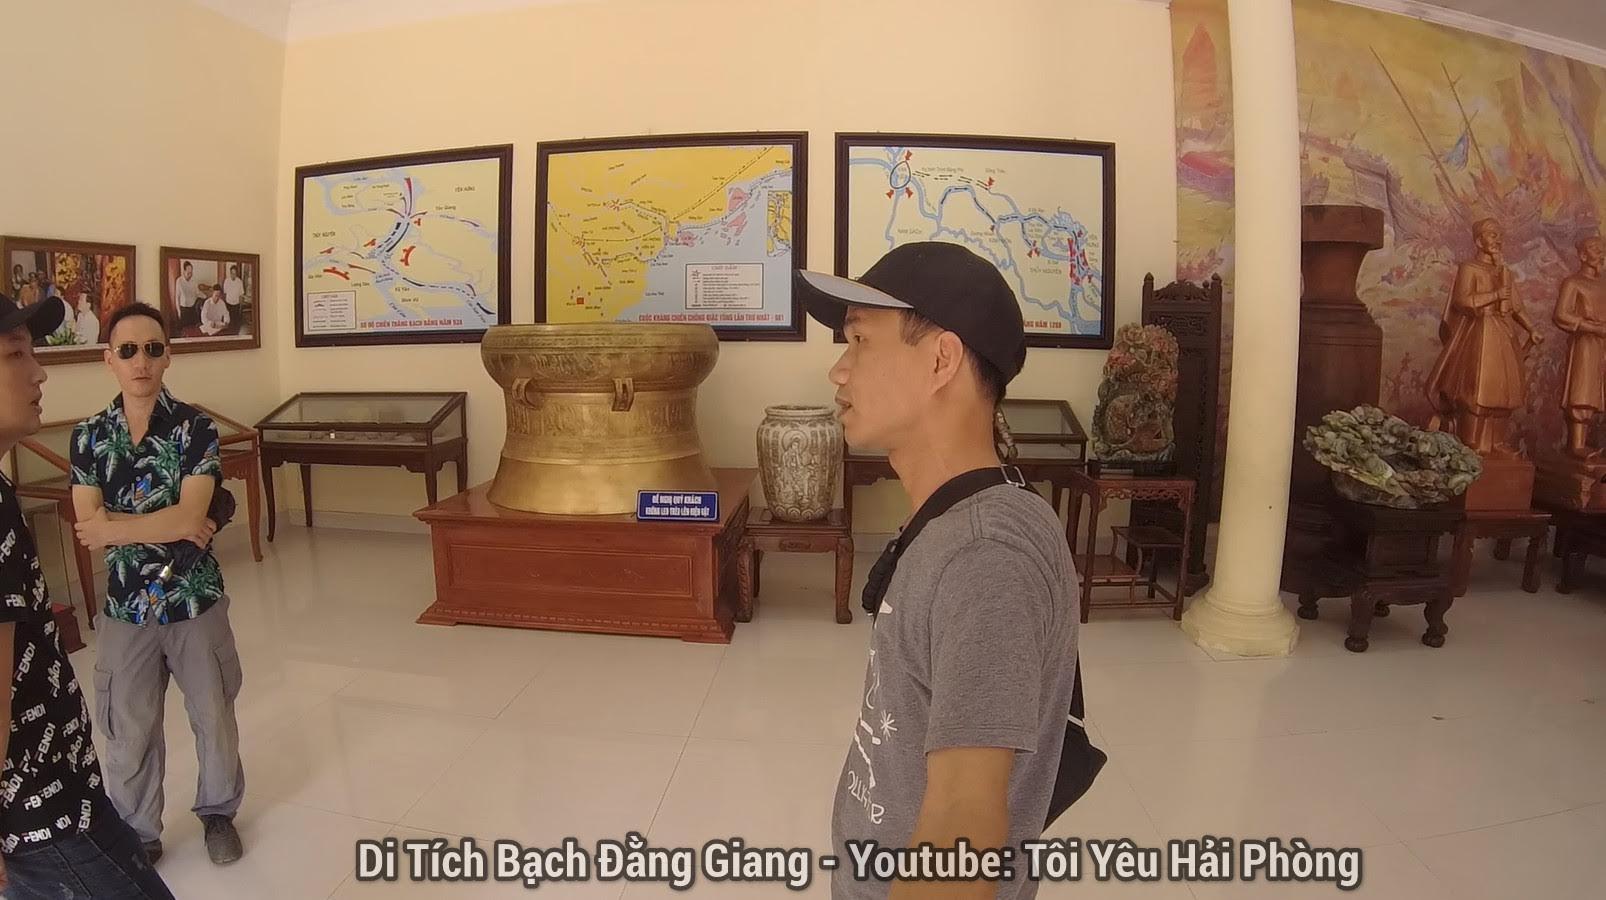 Khám phá chi tiết Bạch Đằng Giang ở Hải Phòng 9